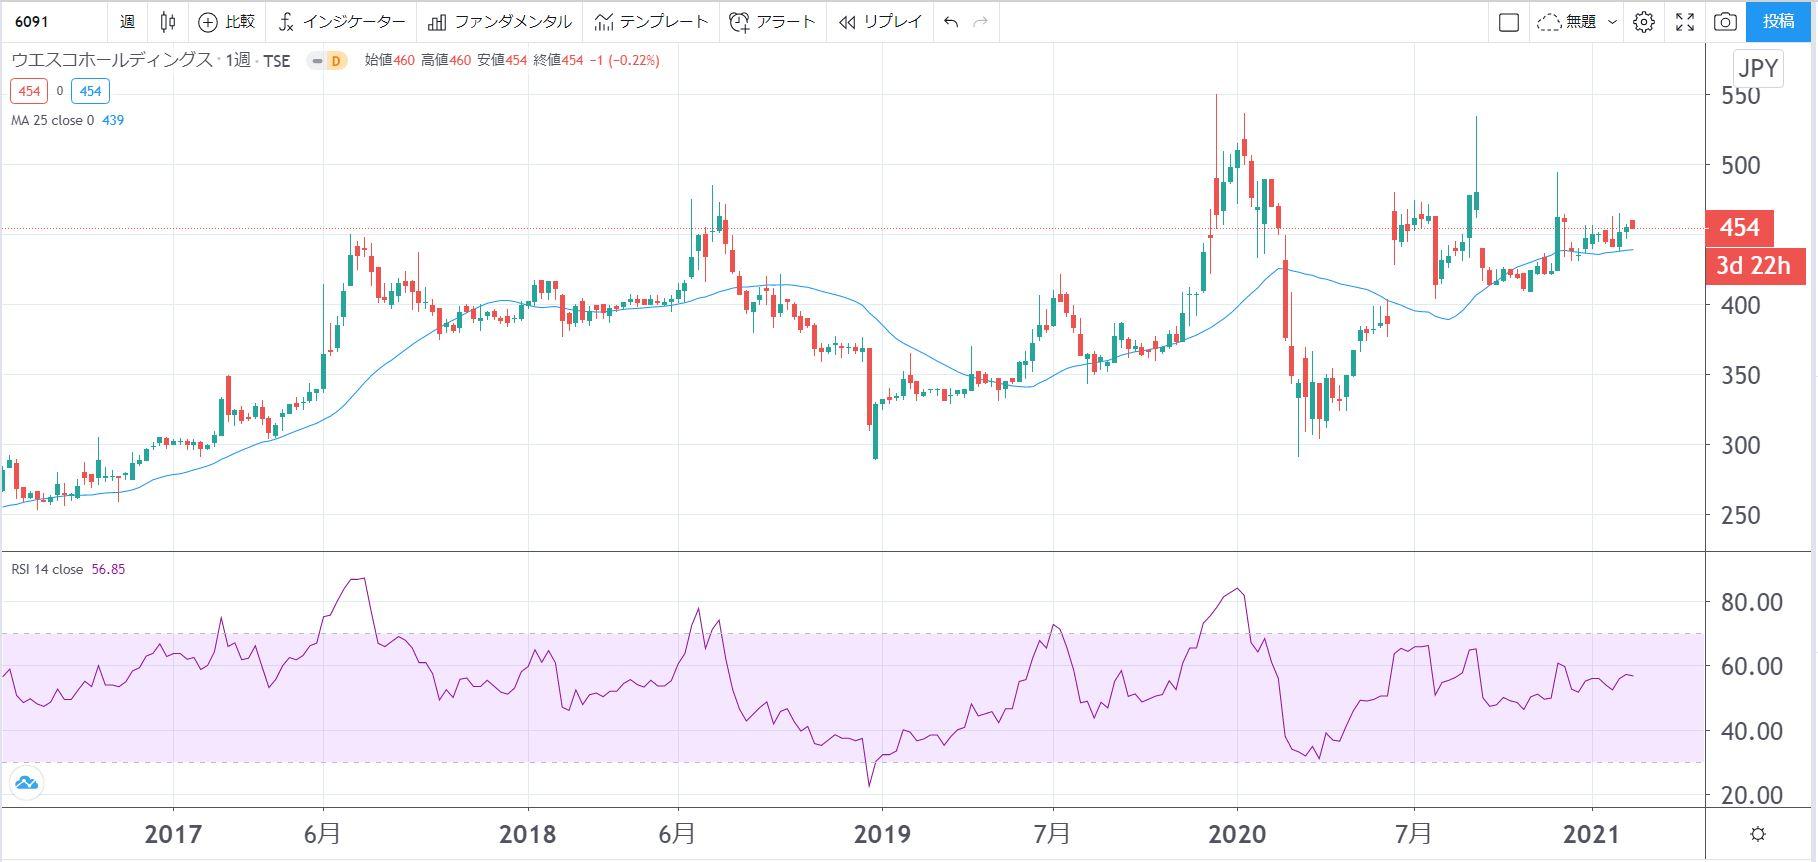 5年株価チャート-ウエスコホールディングス